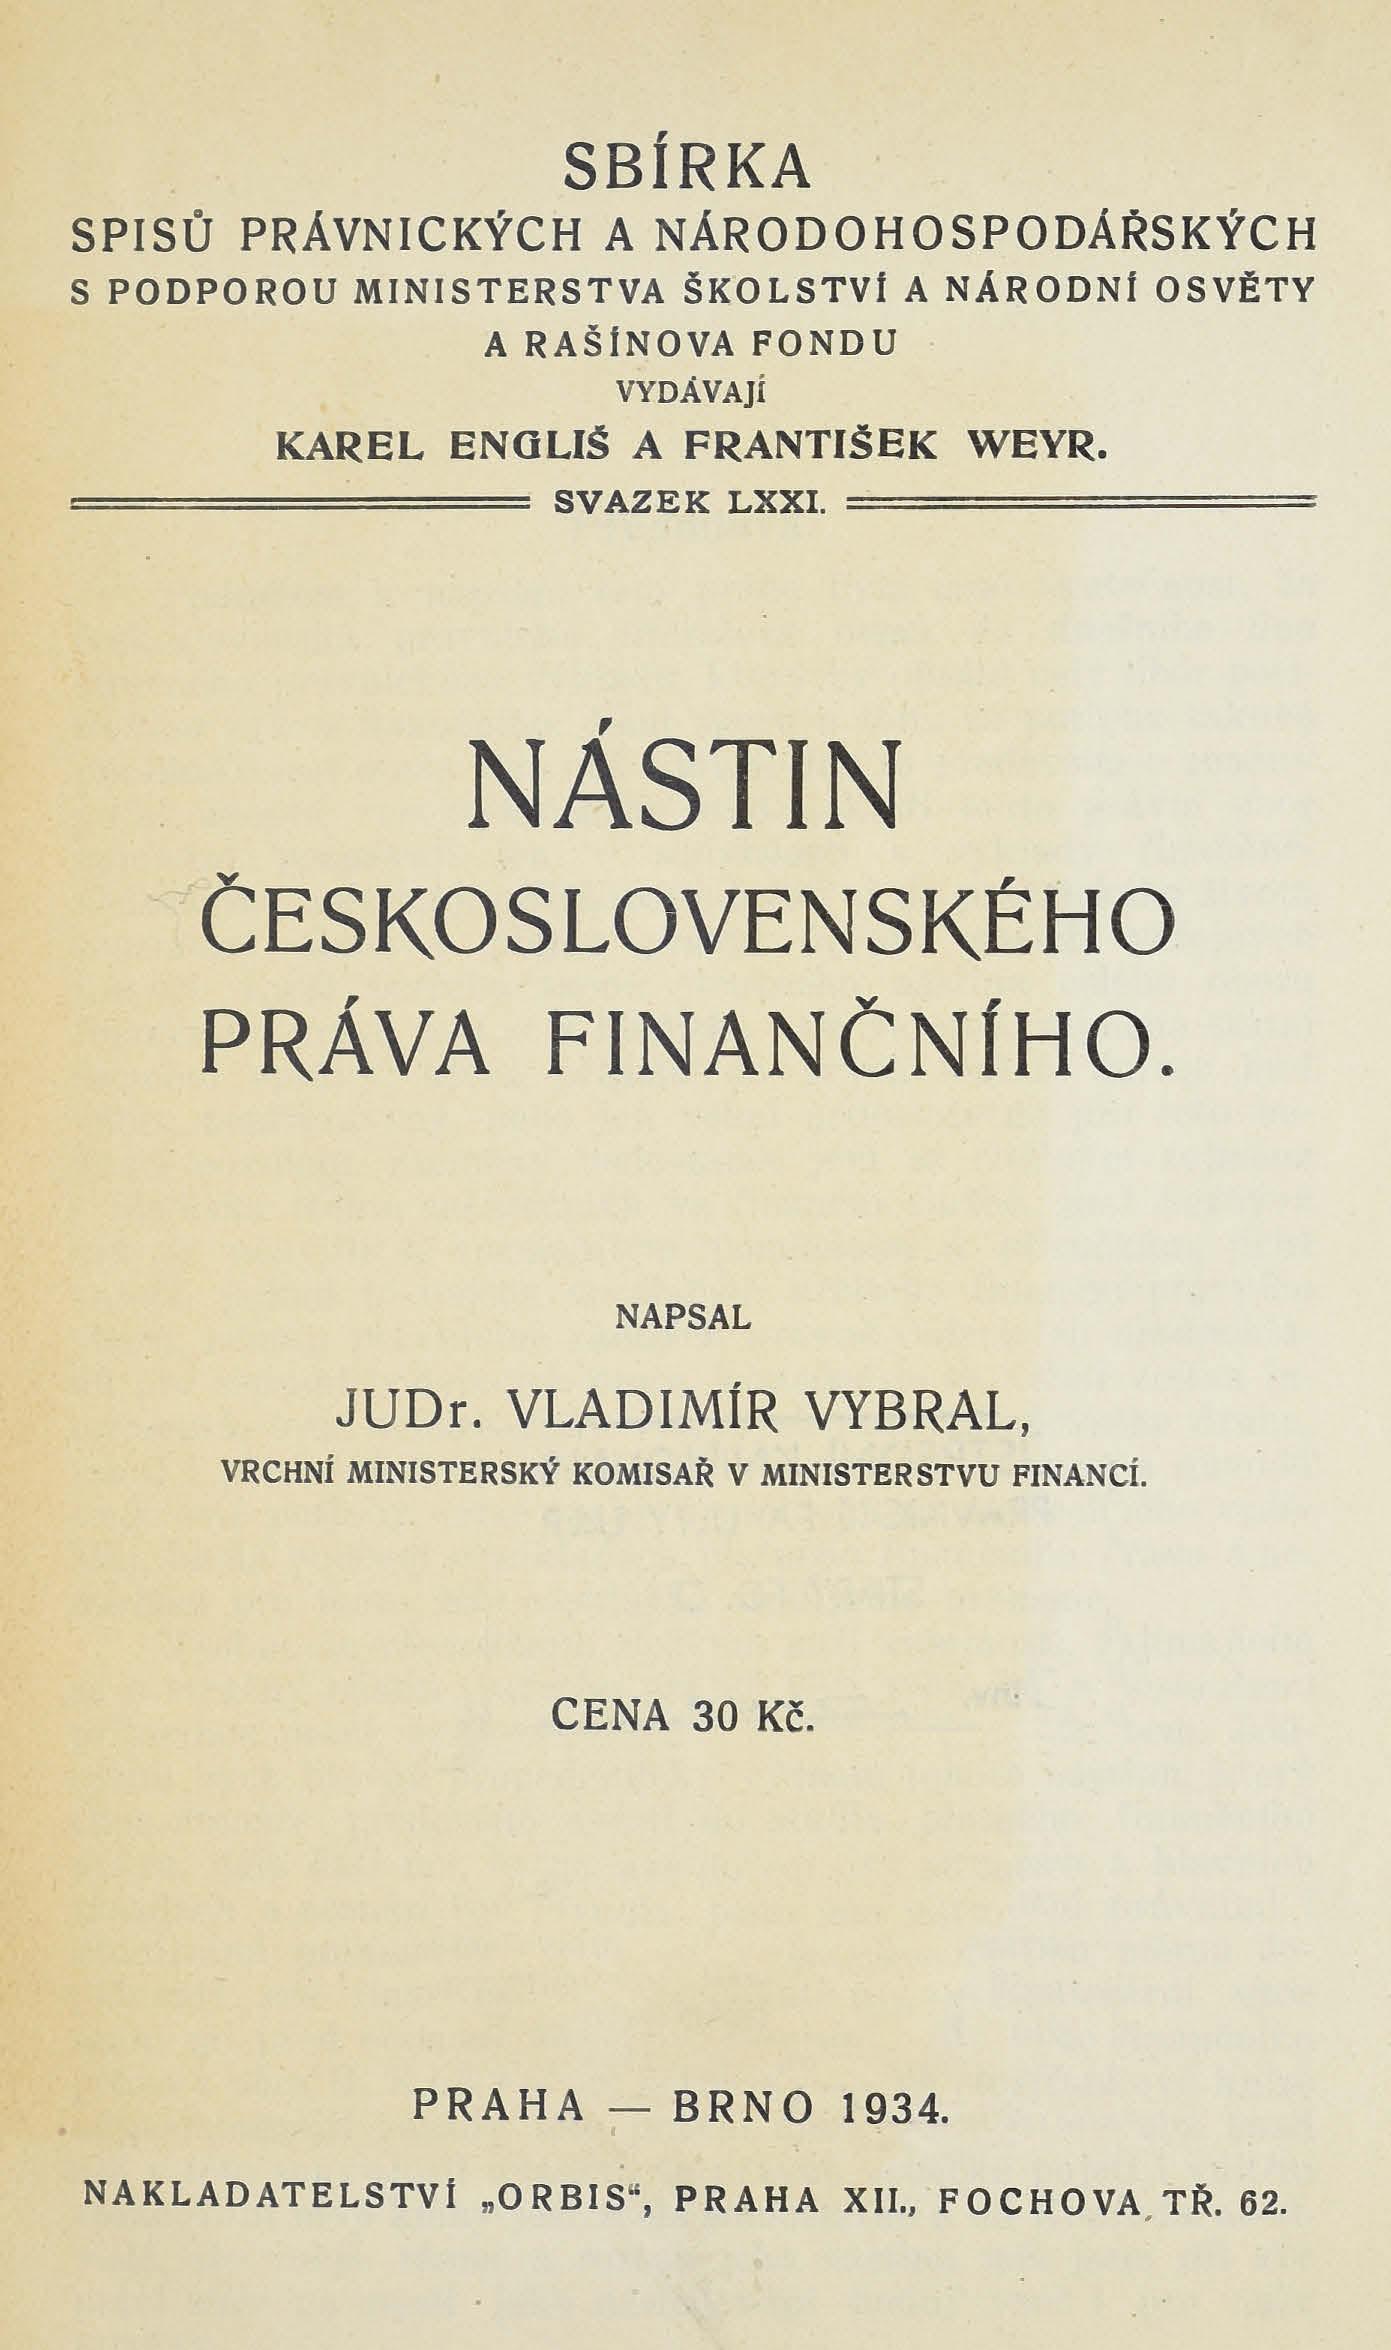 Obálka pro Nástin československého práva finančního